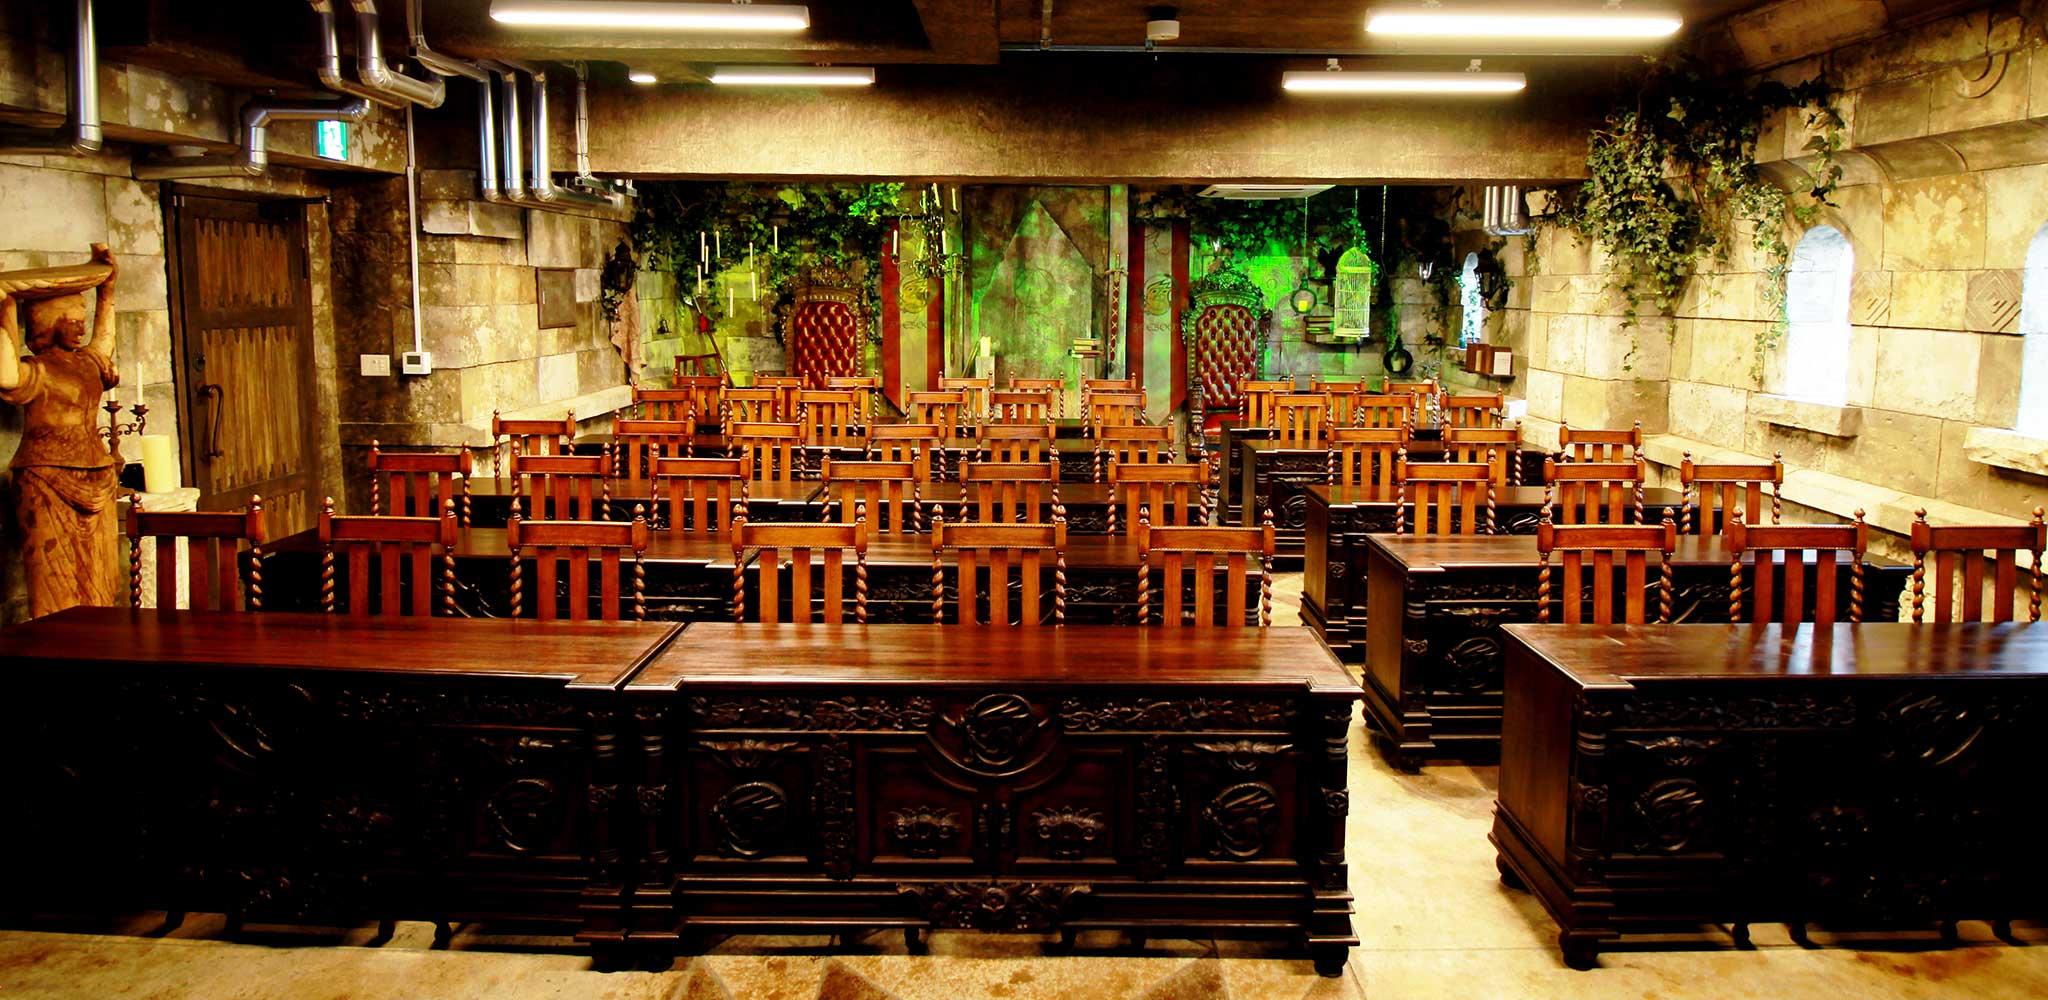 王宮の魔法の学校教室の眺め